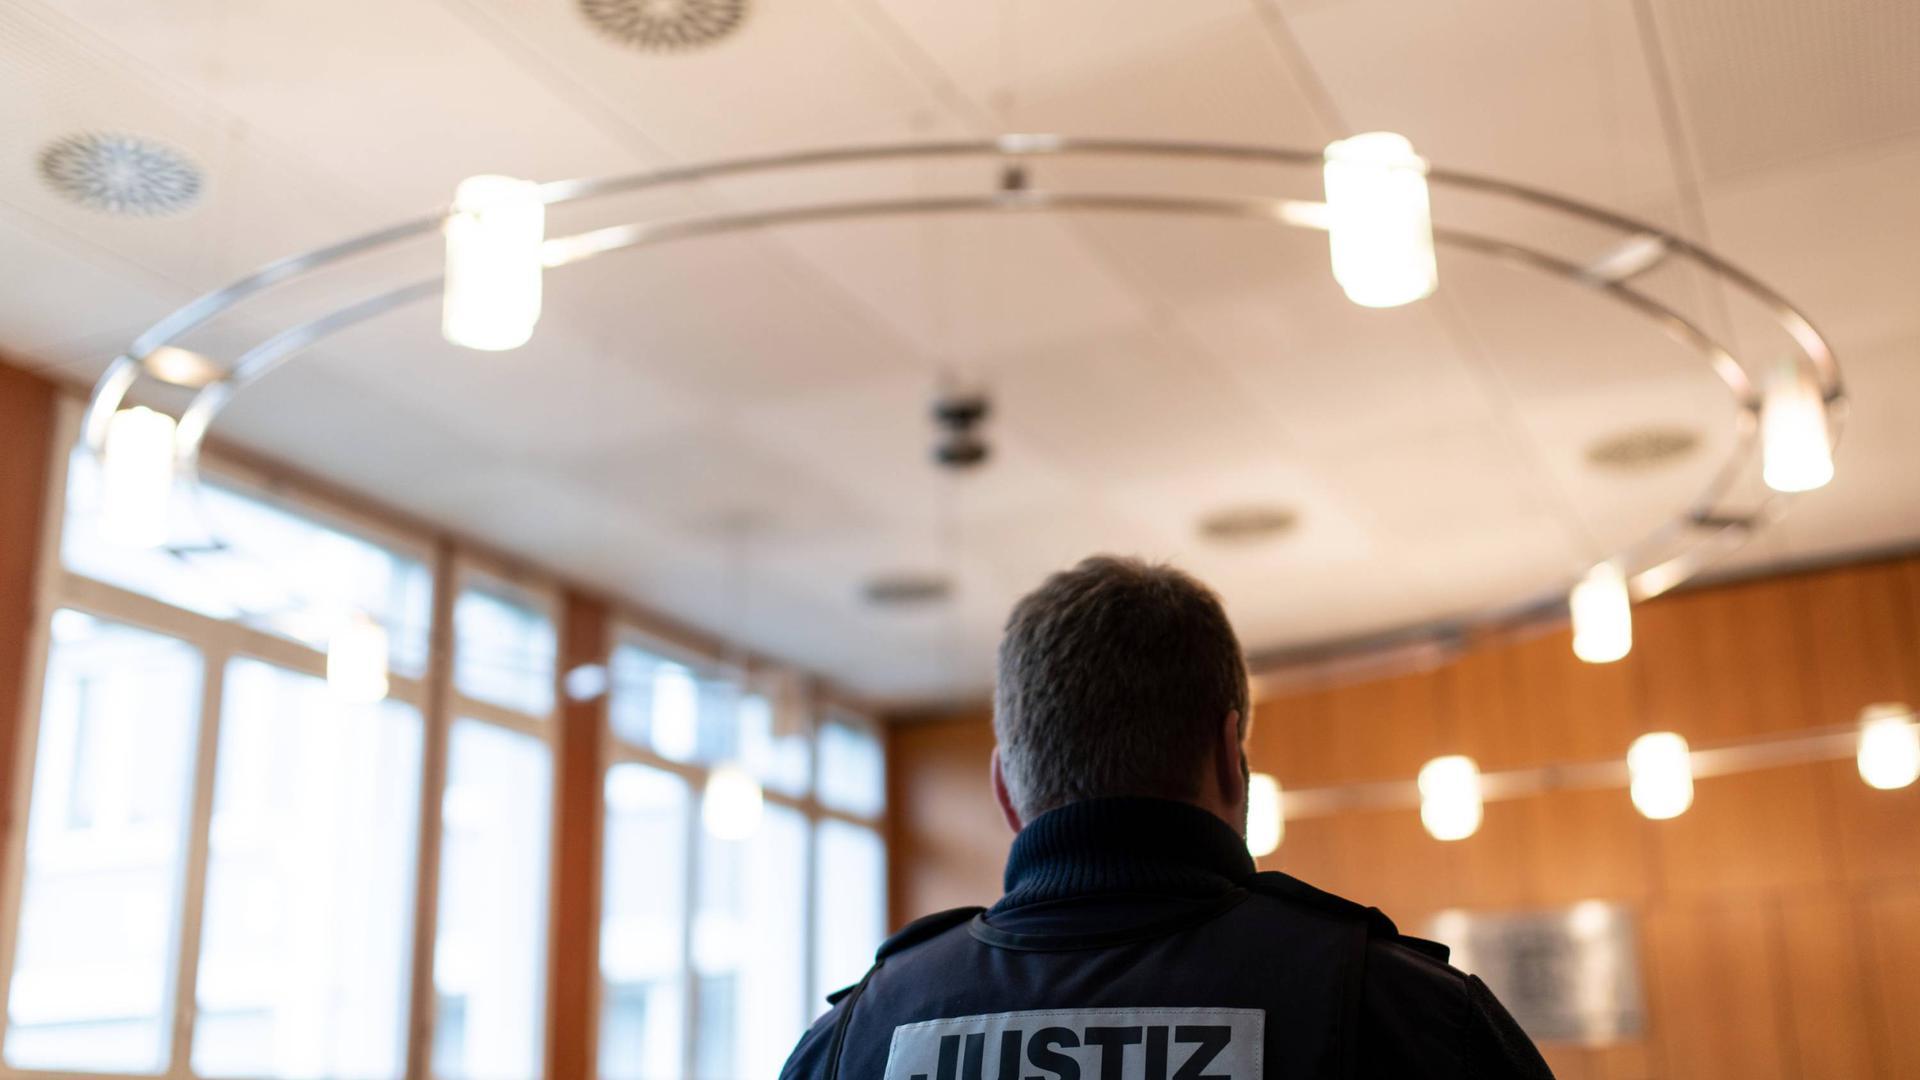 30.01.2019, Baden-Württemberg, Offenburg: Ein Justizbeamter steht vor Prozessbeginn im Landgericht. Vor Gericht steht ein 27-jähriger Somalier. Dem Asylbewerber aus Somalia wird vorgeworfen, im August 2018 einen Arzt in dessen Praxis in Offenburg mit einem Messer getötet und eine Arzthelferin verletzt zu haben. Foto: Patrick Seeger/dpa - ACHTUNG: Person(en) wurde(n) aus rechtlichen Gründen gepixelt +++ dpa-Bildfunk +++ | Verwendung weltweit